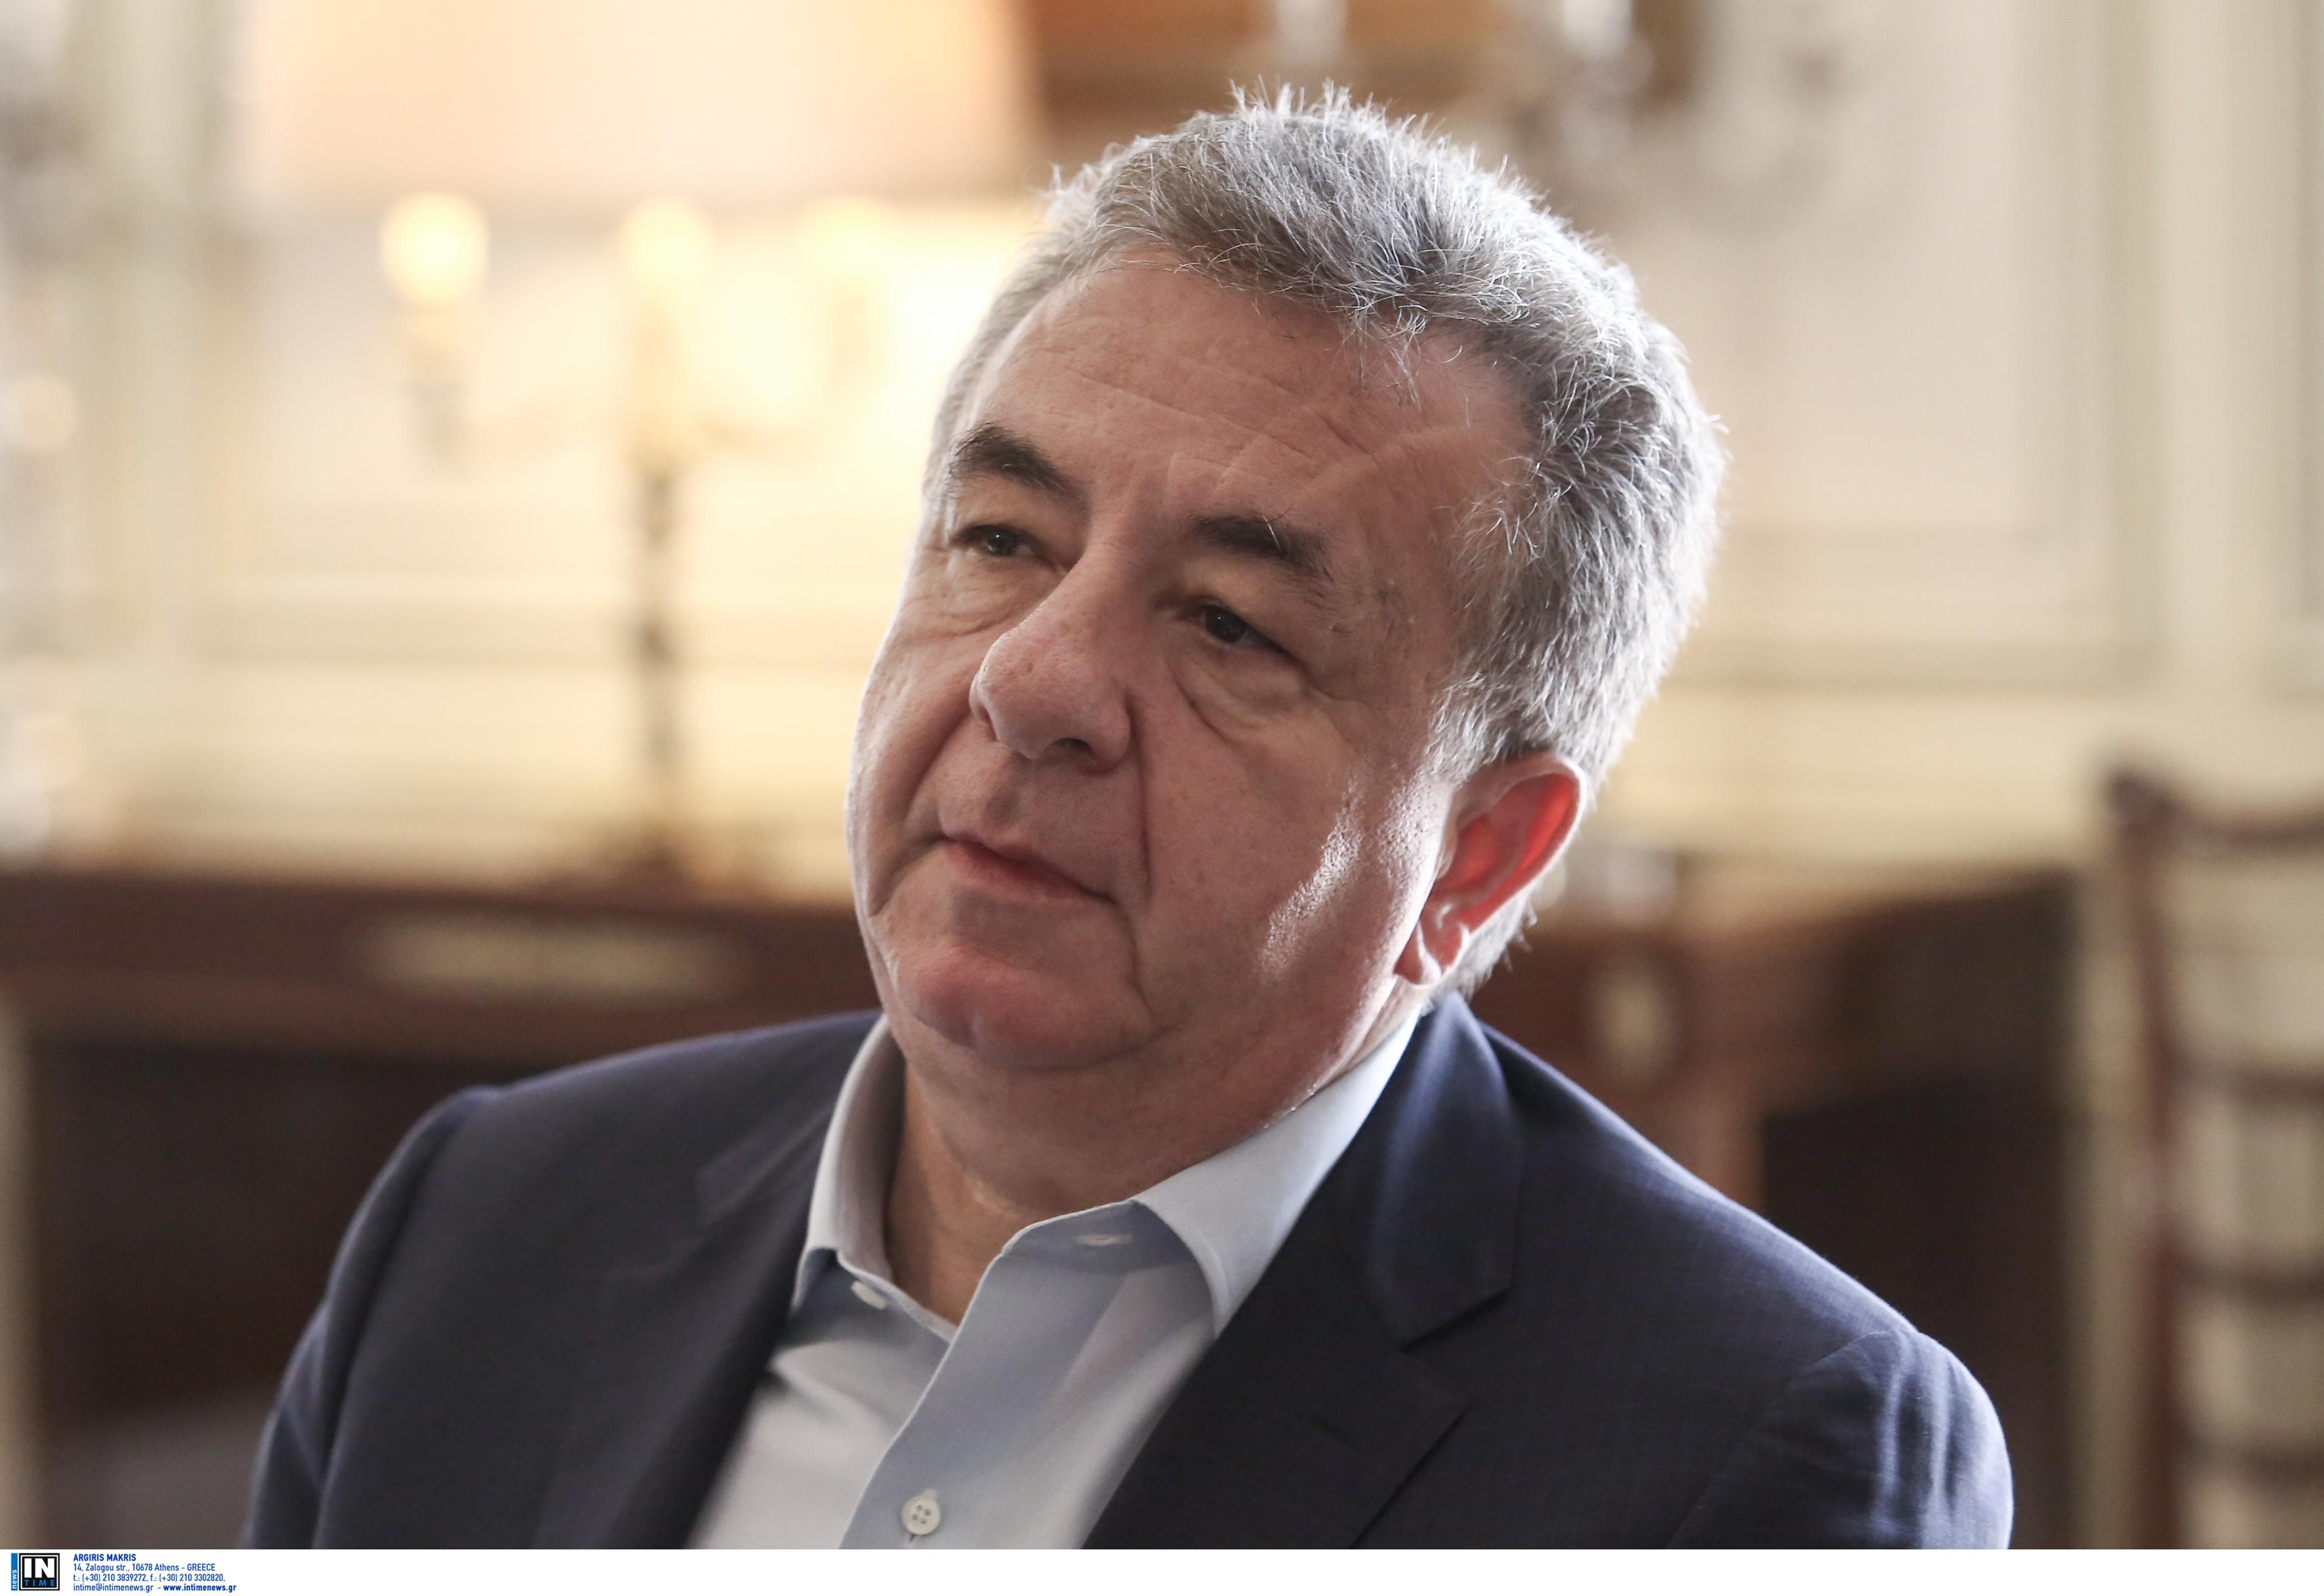 Ηράκλειο: Έκκληση του περιφερειάρχη Κρήτης Σταύρου Αρναουτάκη για άμεσο εμβολιασμό των πολιτών